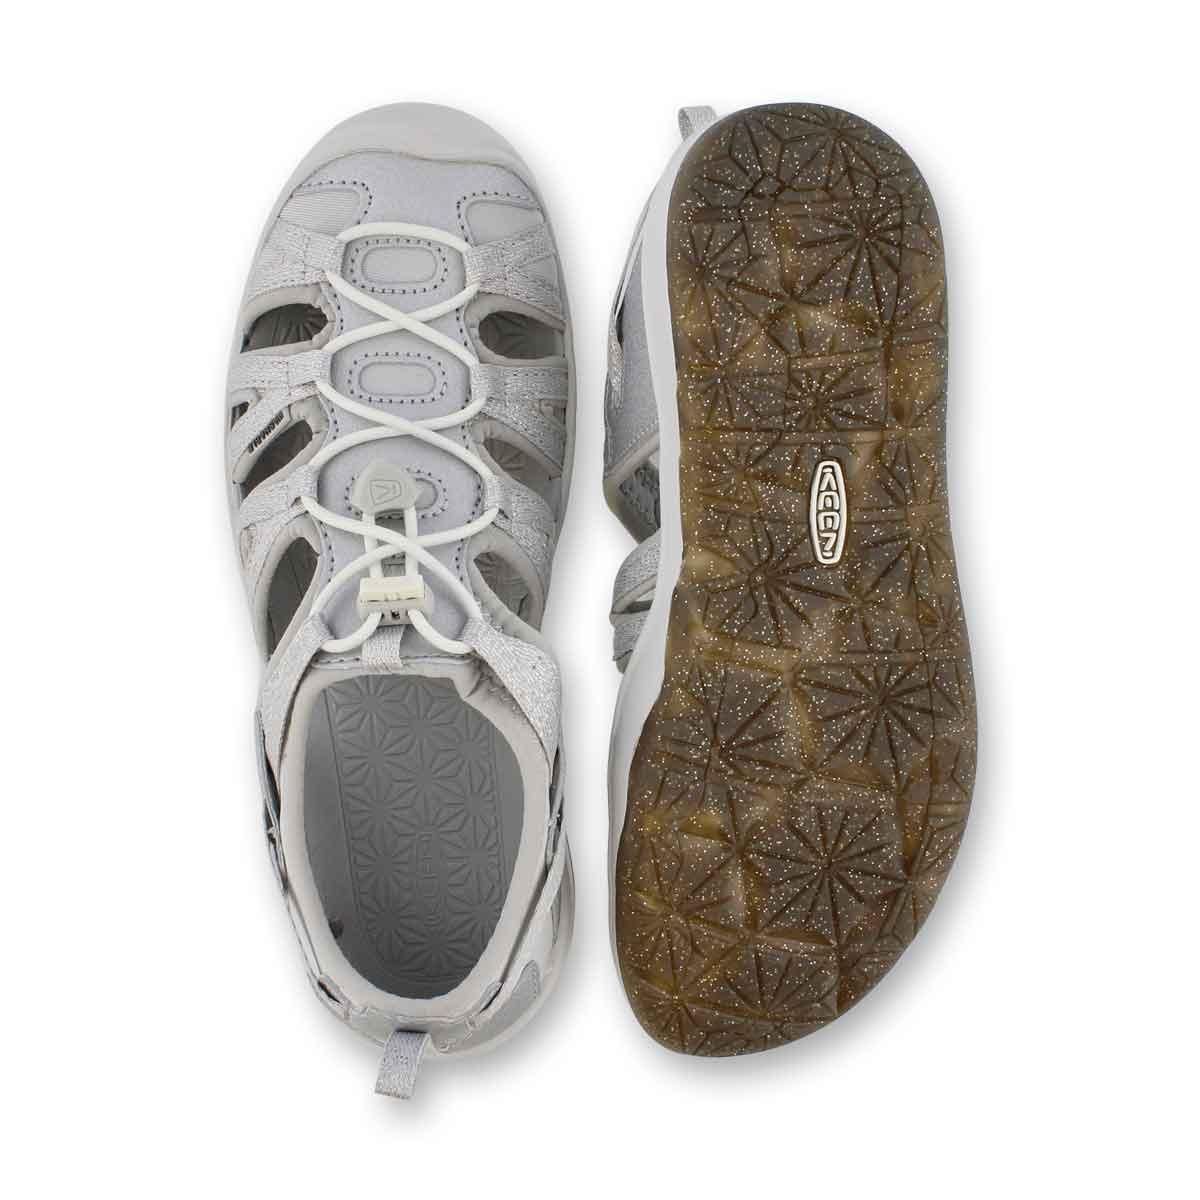 Sandale sport Moxie argent, fille